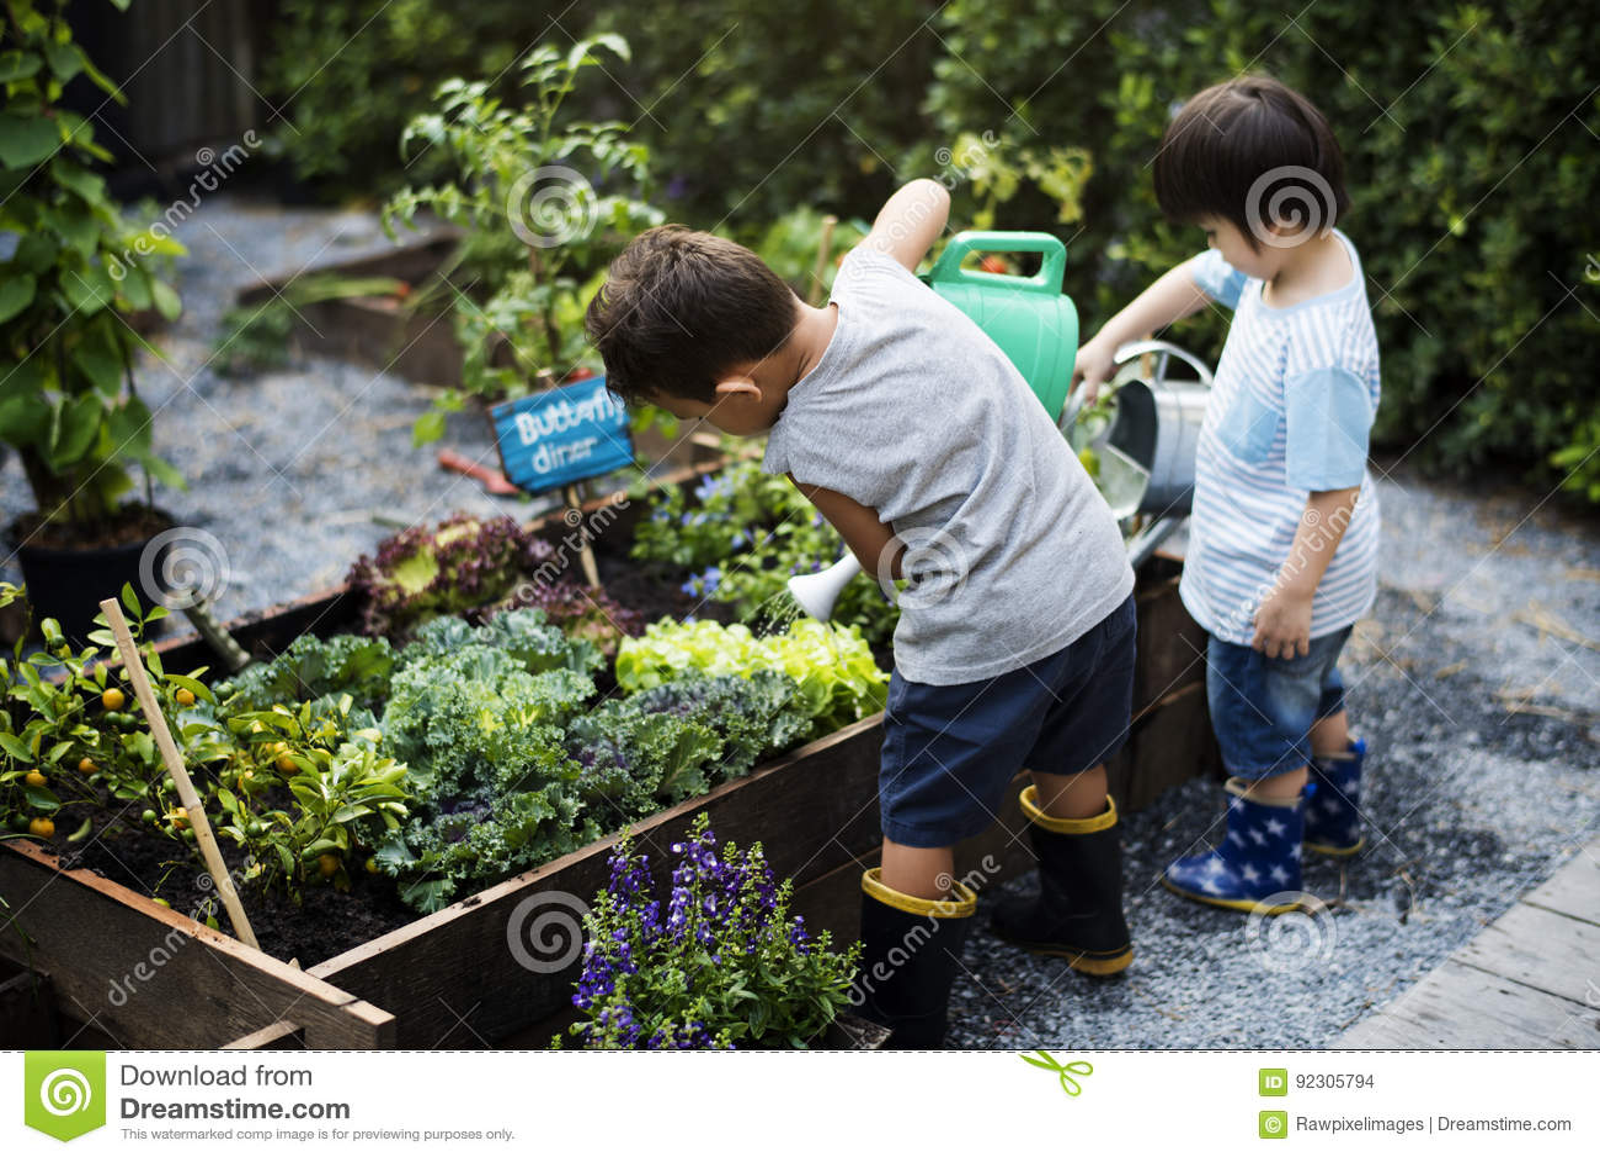 Grupo de niños de la guardería que aprenden cultivar un huerto al aire libre